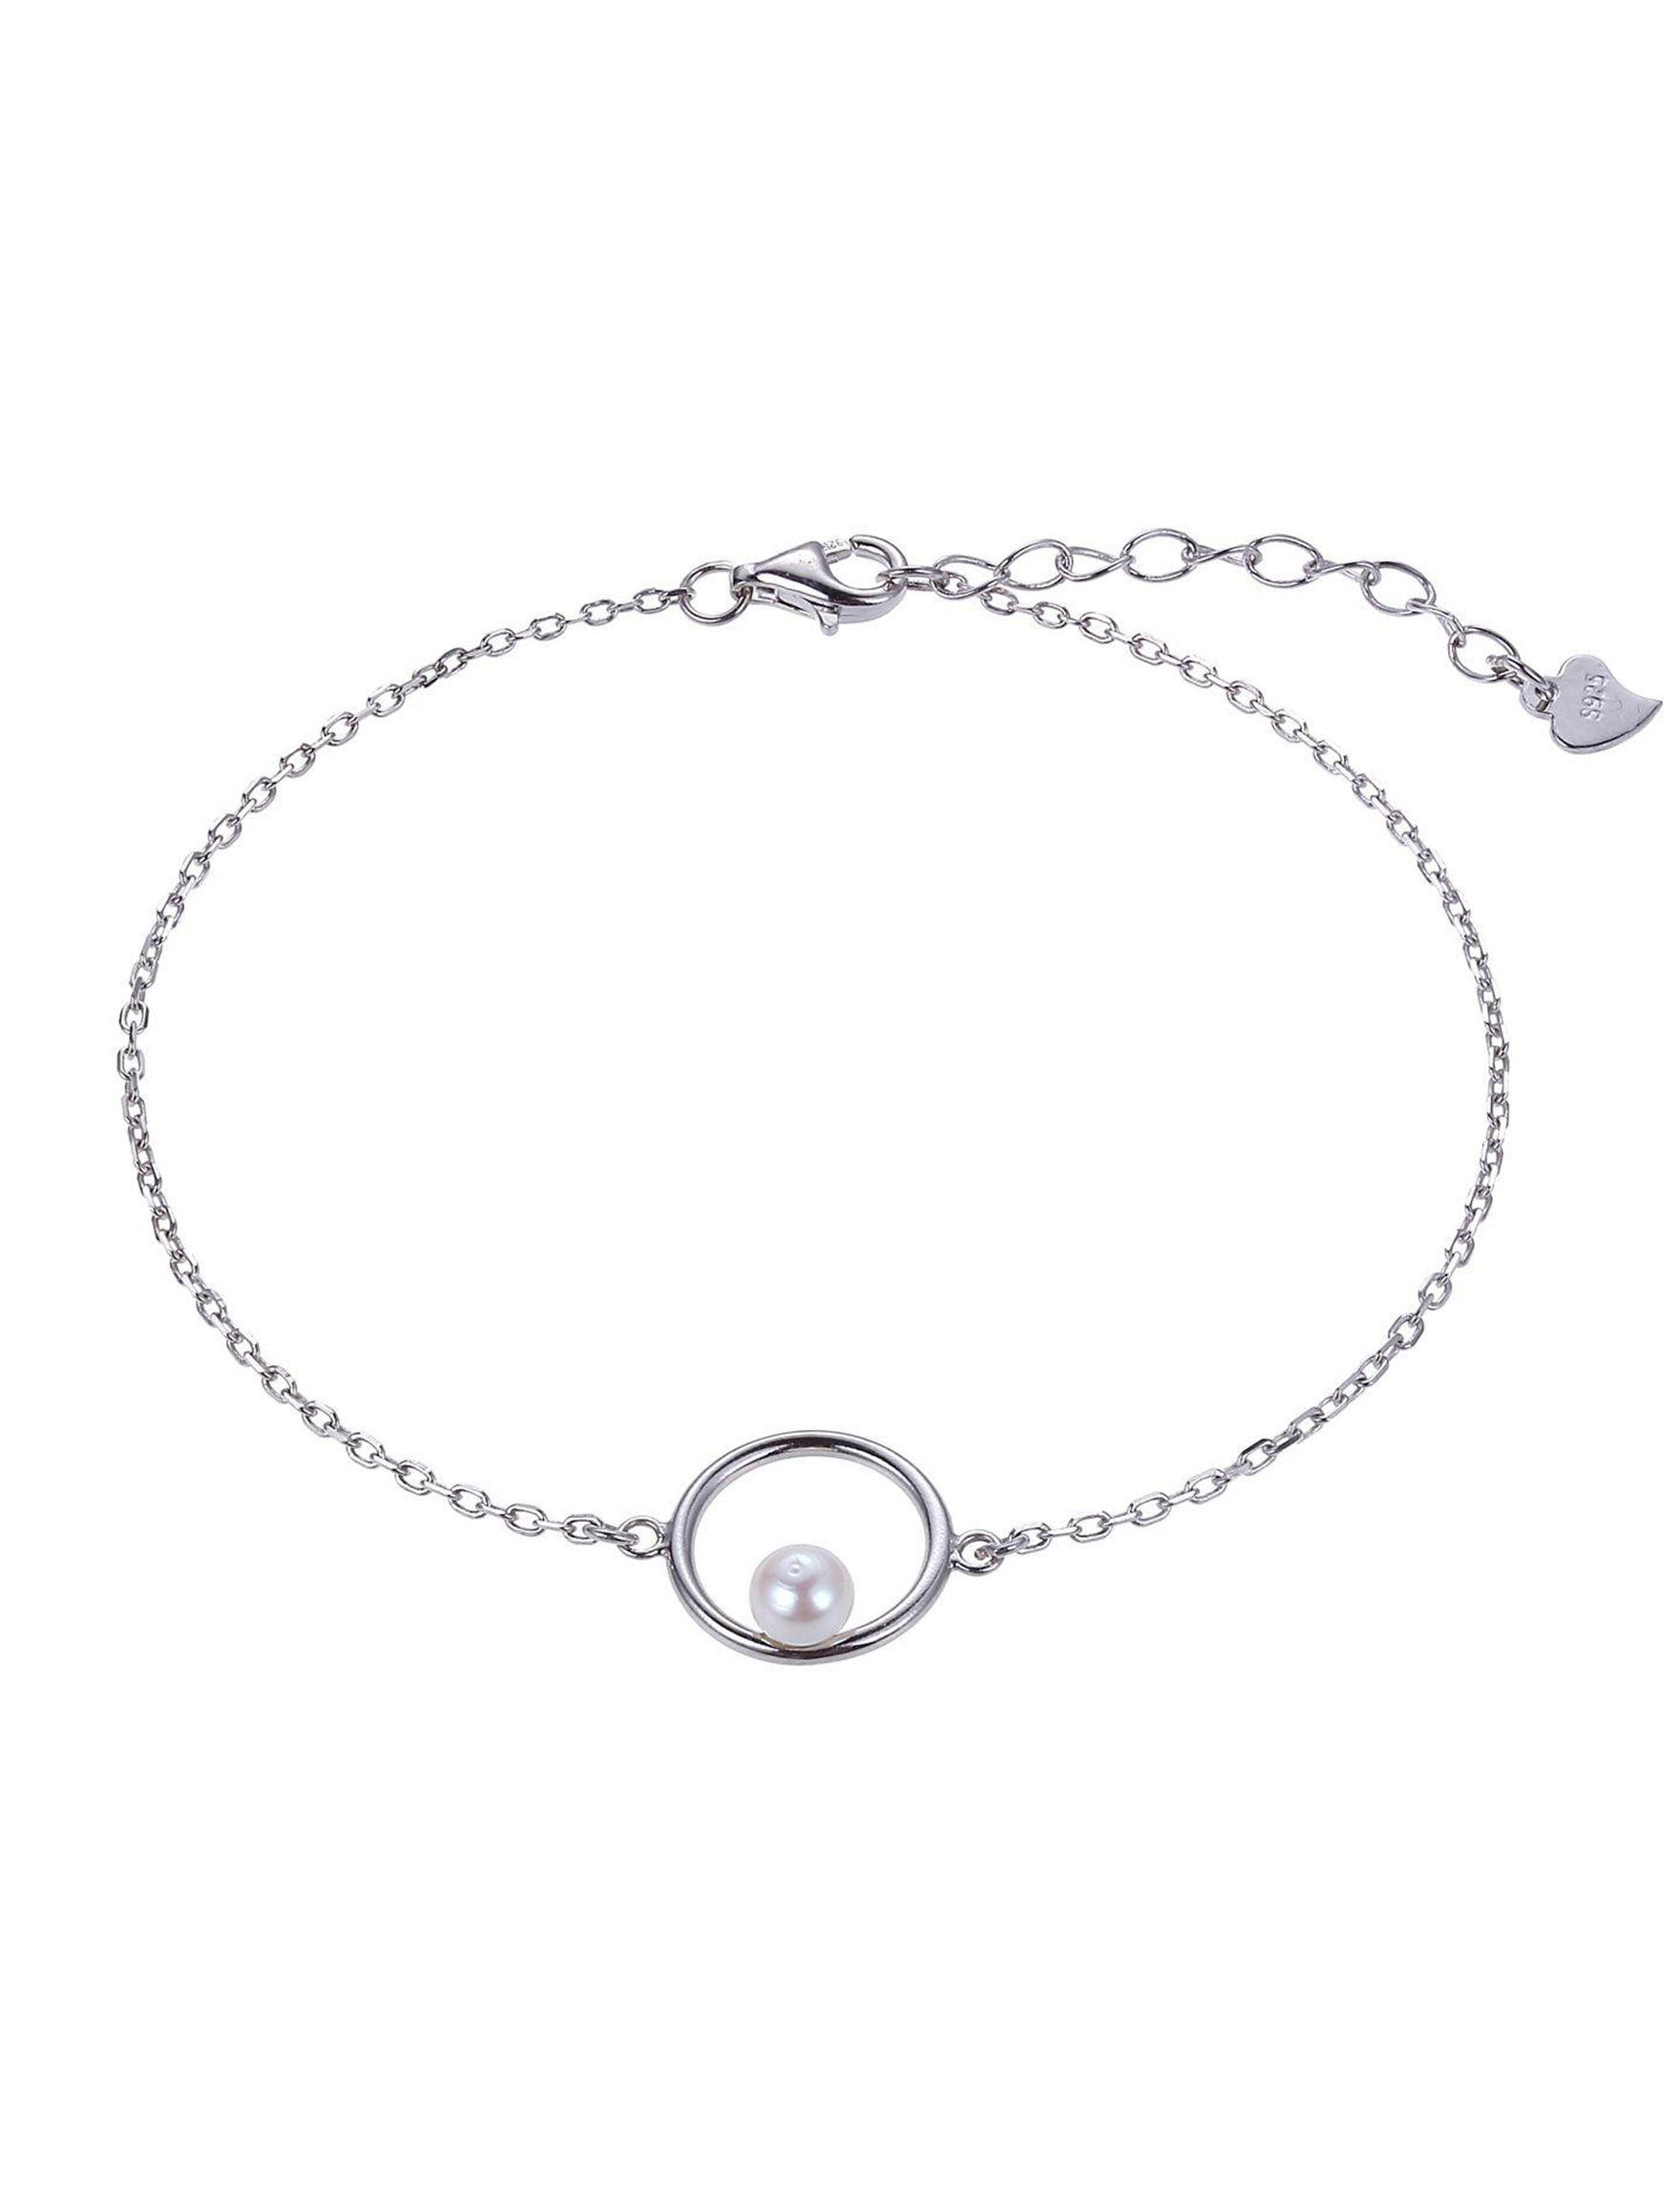 PAJ INC. Silver Bracelets Fine Jewelry